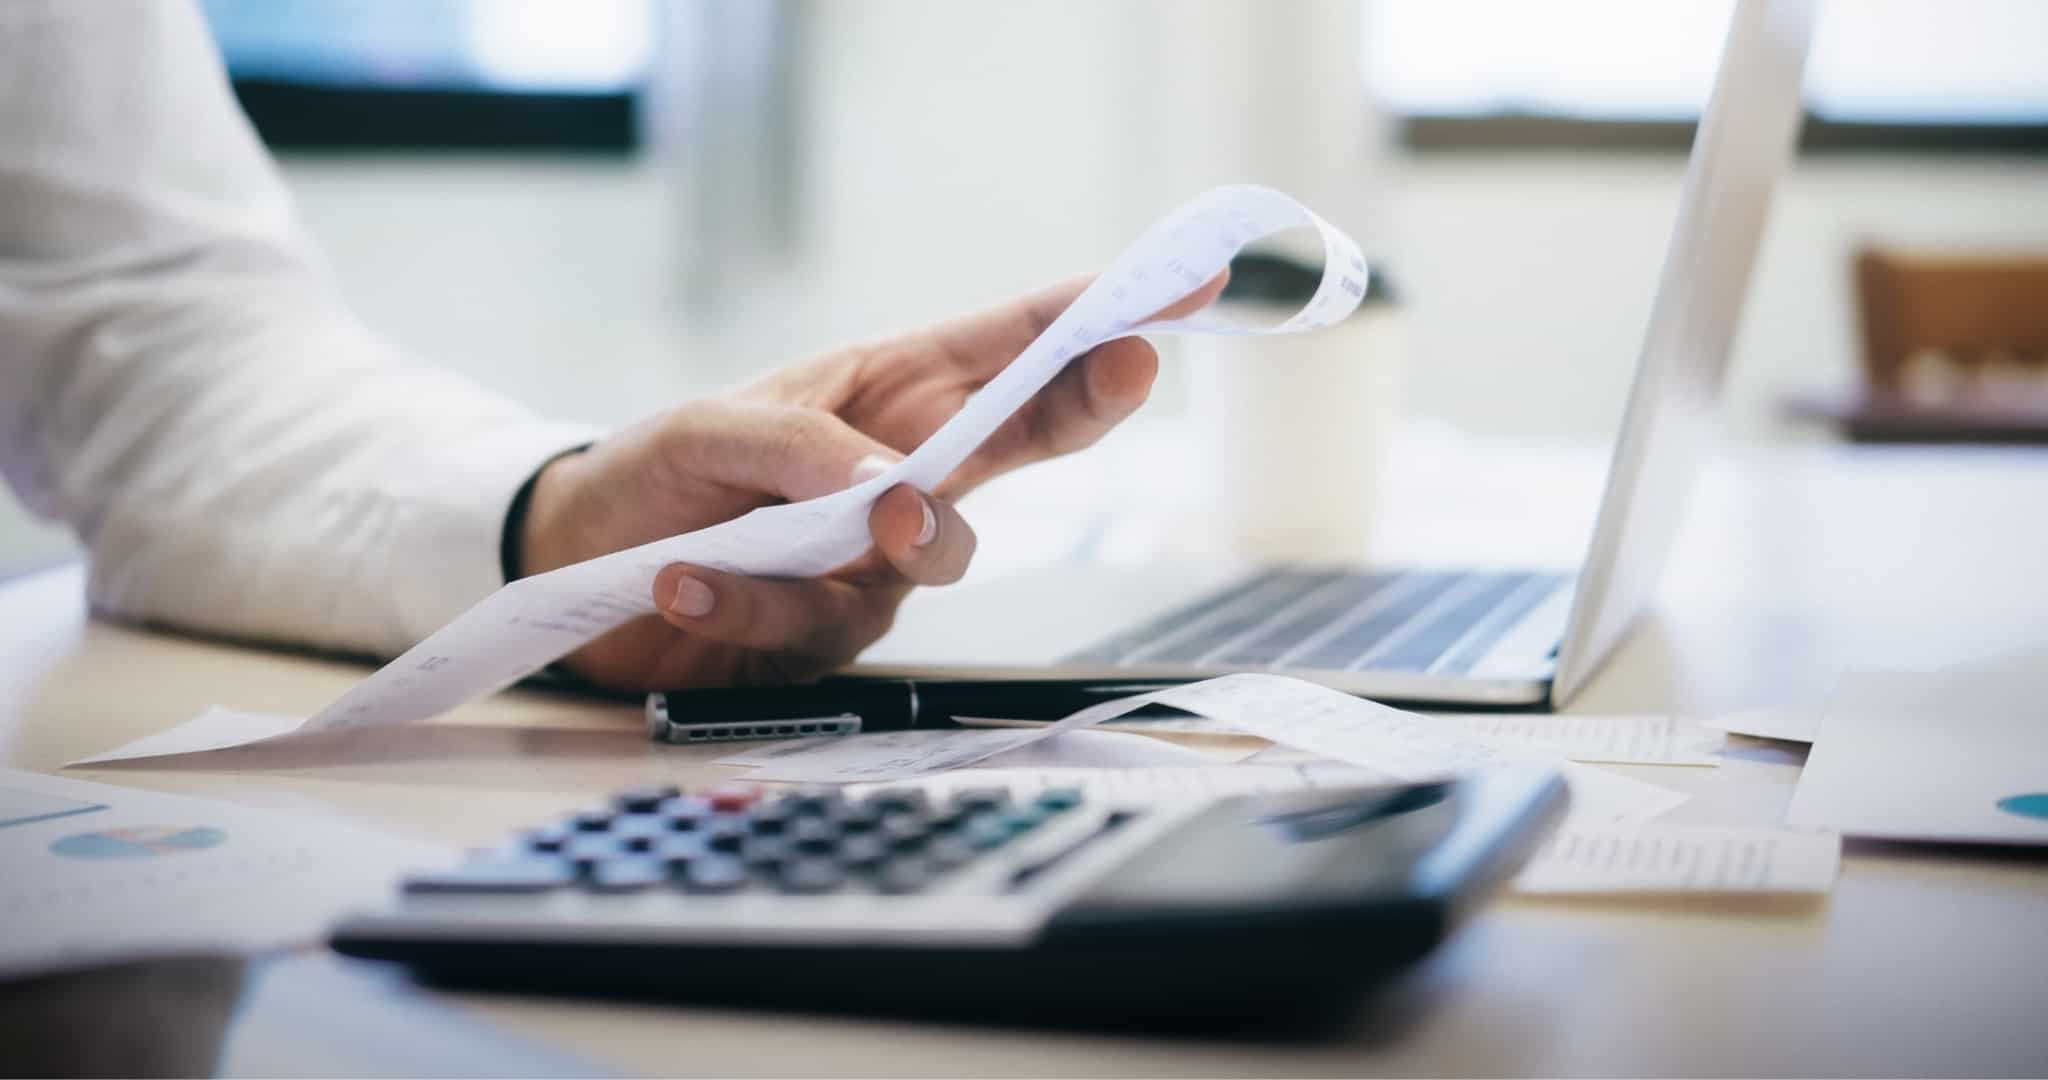 Mão de senhor a segurar um talão com uma calculadora e um portátil à frente a reequilibrar contas